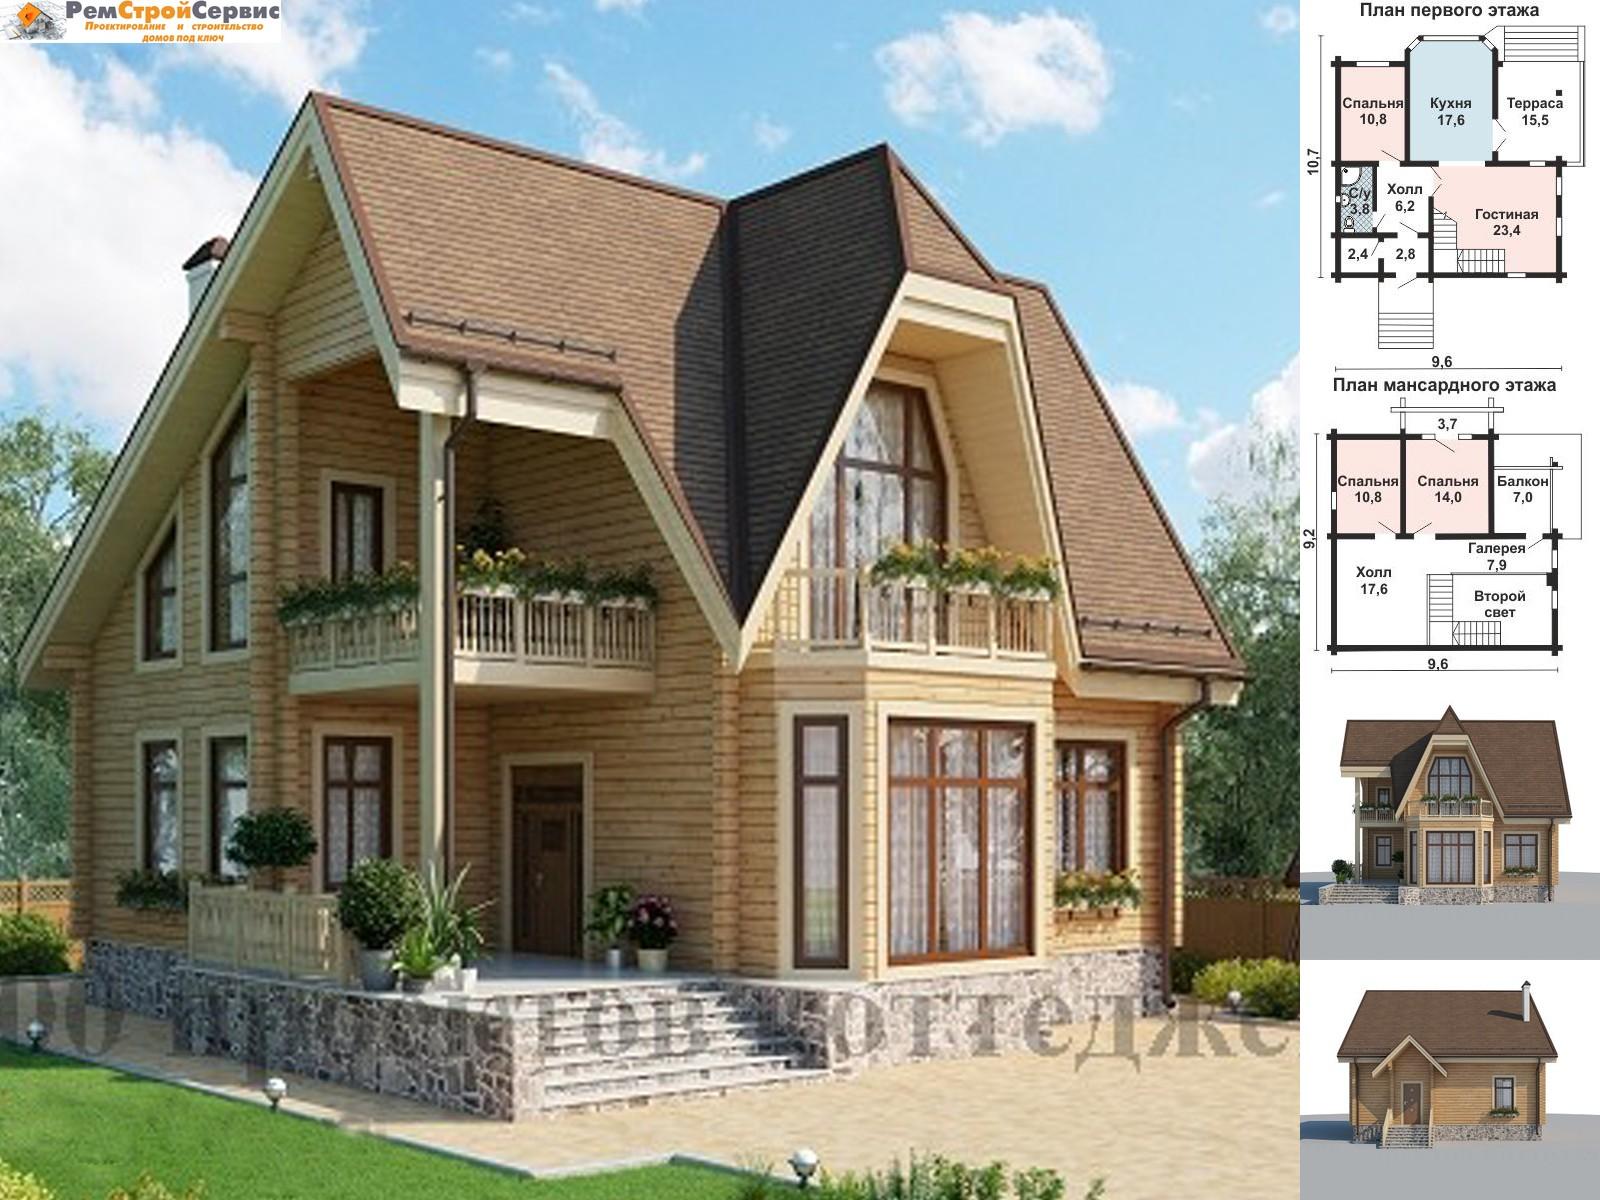 Проект дома as-2234 ремстройсервис в одинцово.